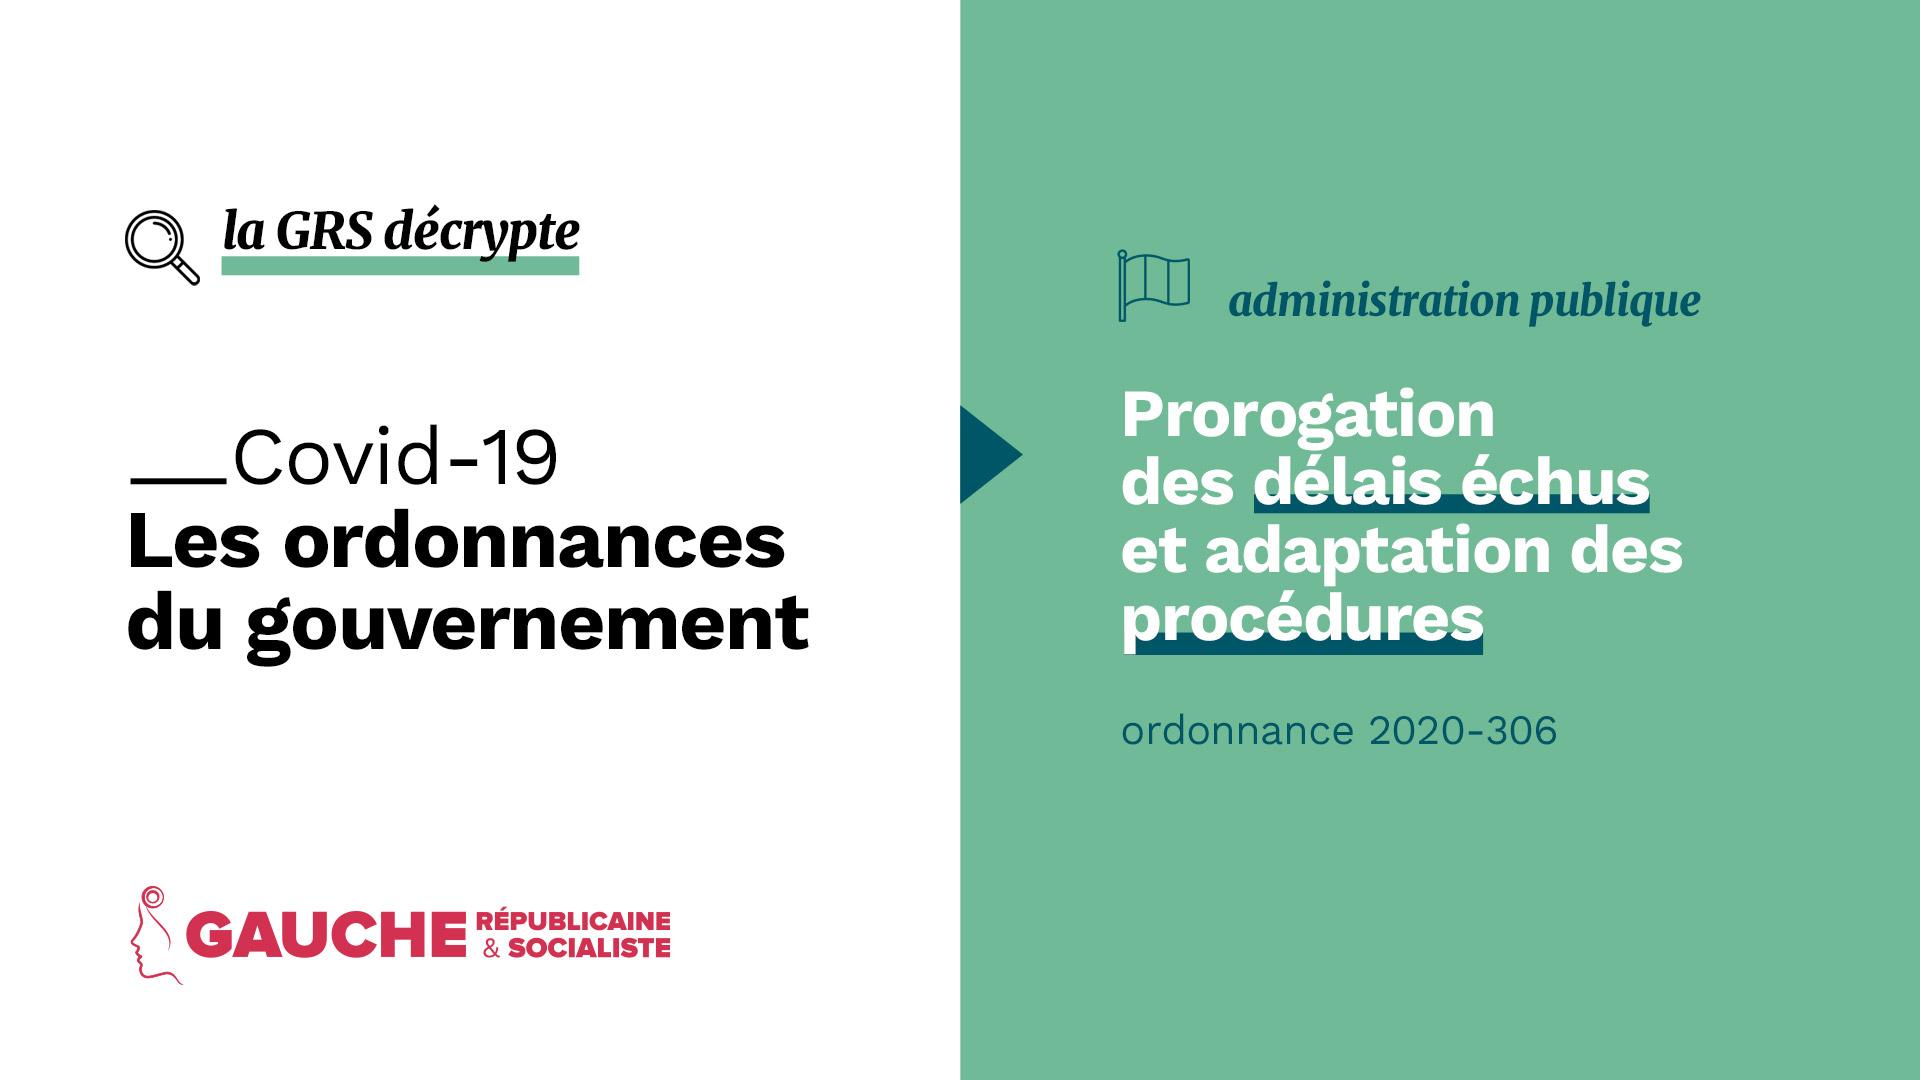 Ordonnance n° 2020-306 du 25 mars 2020 relative à la prorogation des délais échus et à l'adaptation des procédures